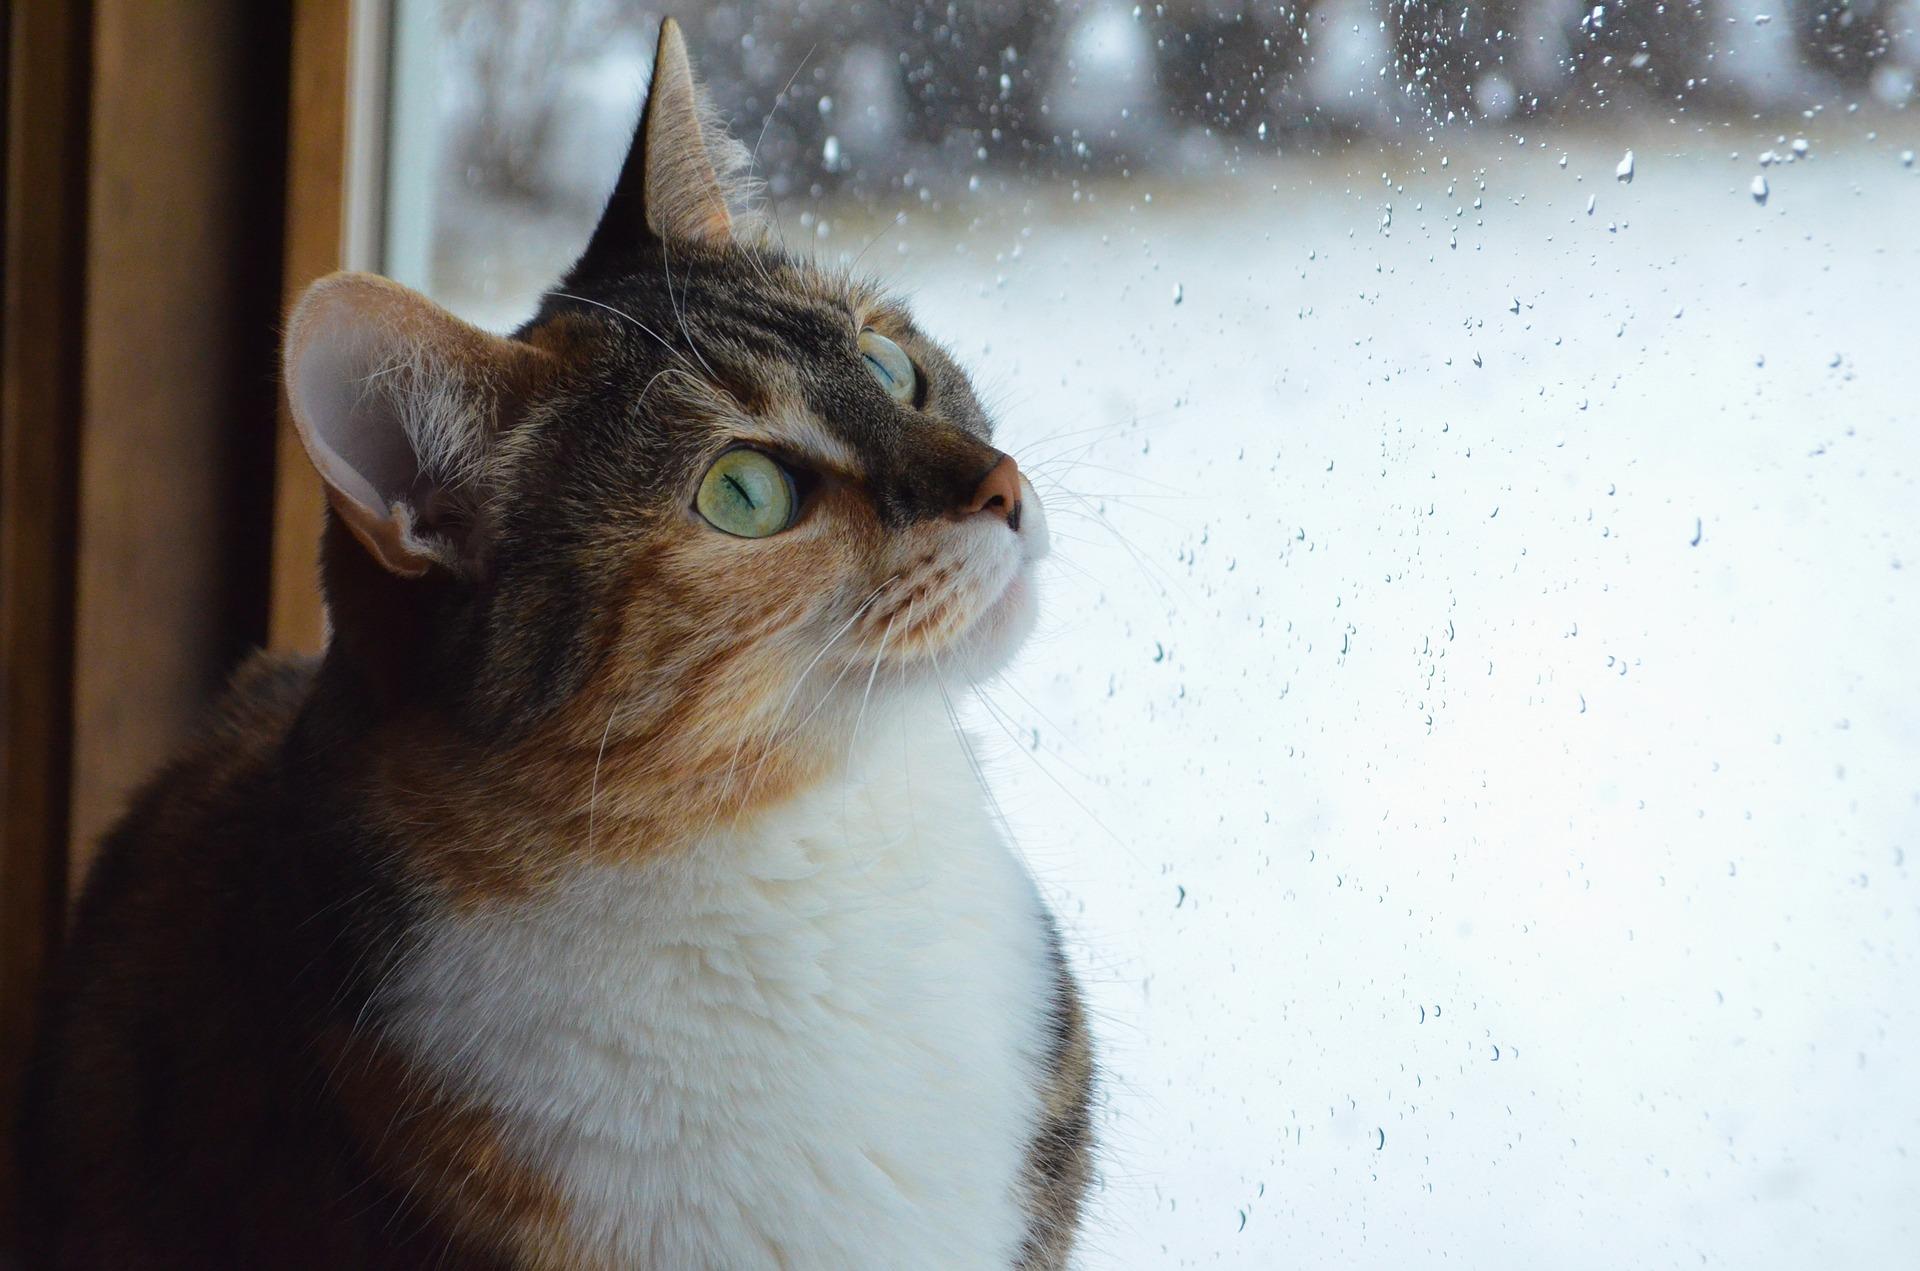 Cómo afectan las lluvias y la humedad a tu gato